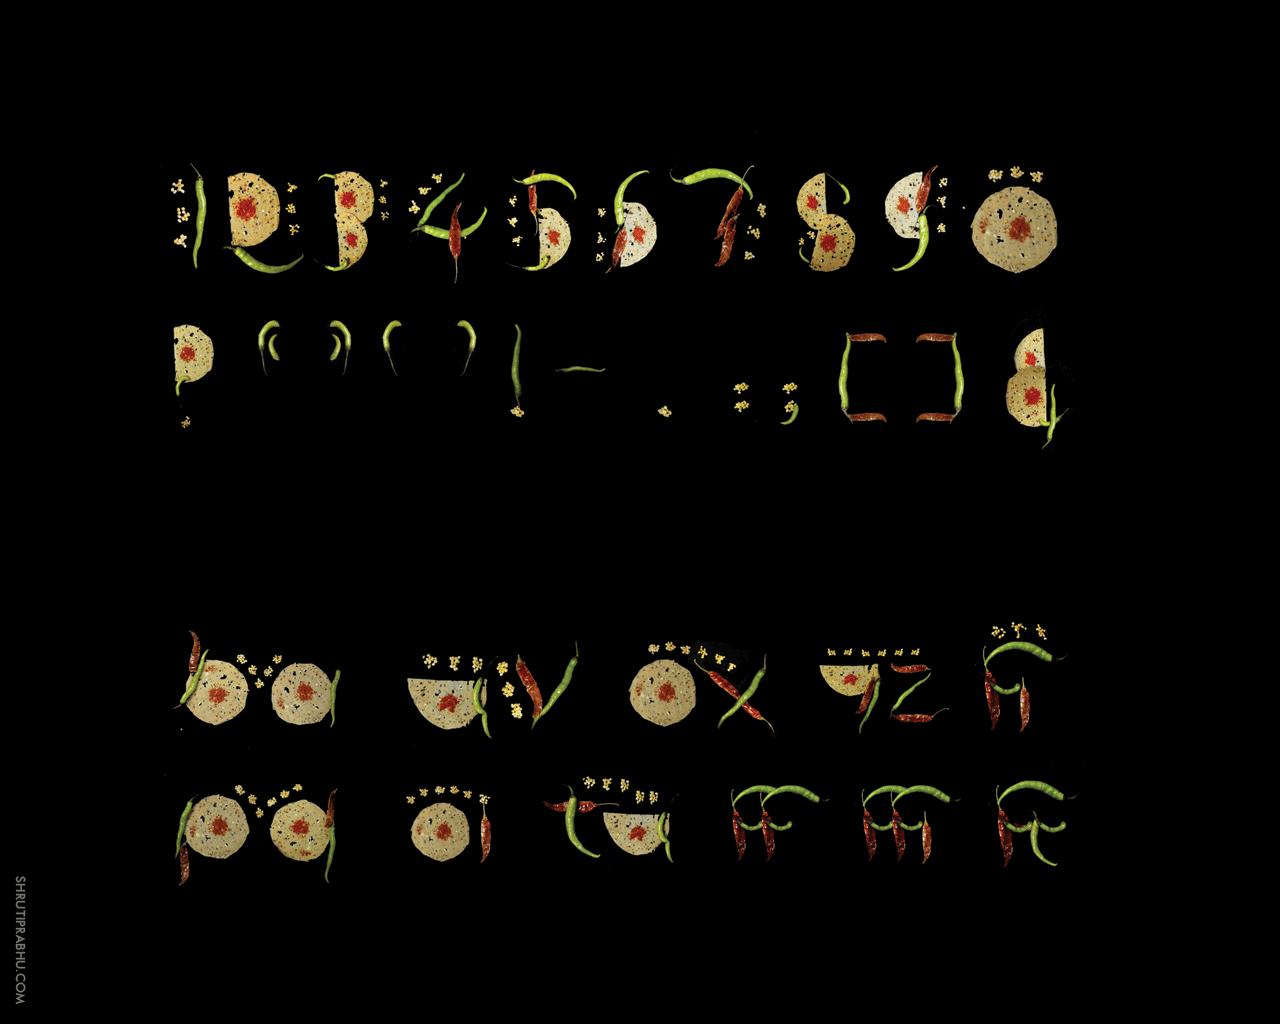 https://shrutiprabhu.com/wp-content/uploads/2020/02/shrutiprabhu_food_font_web_1.png